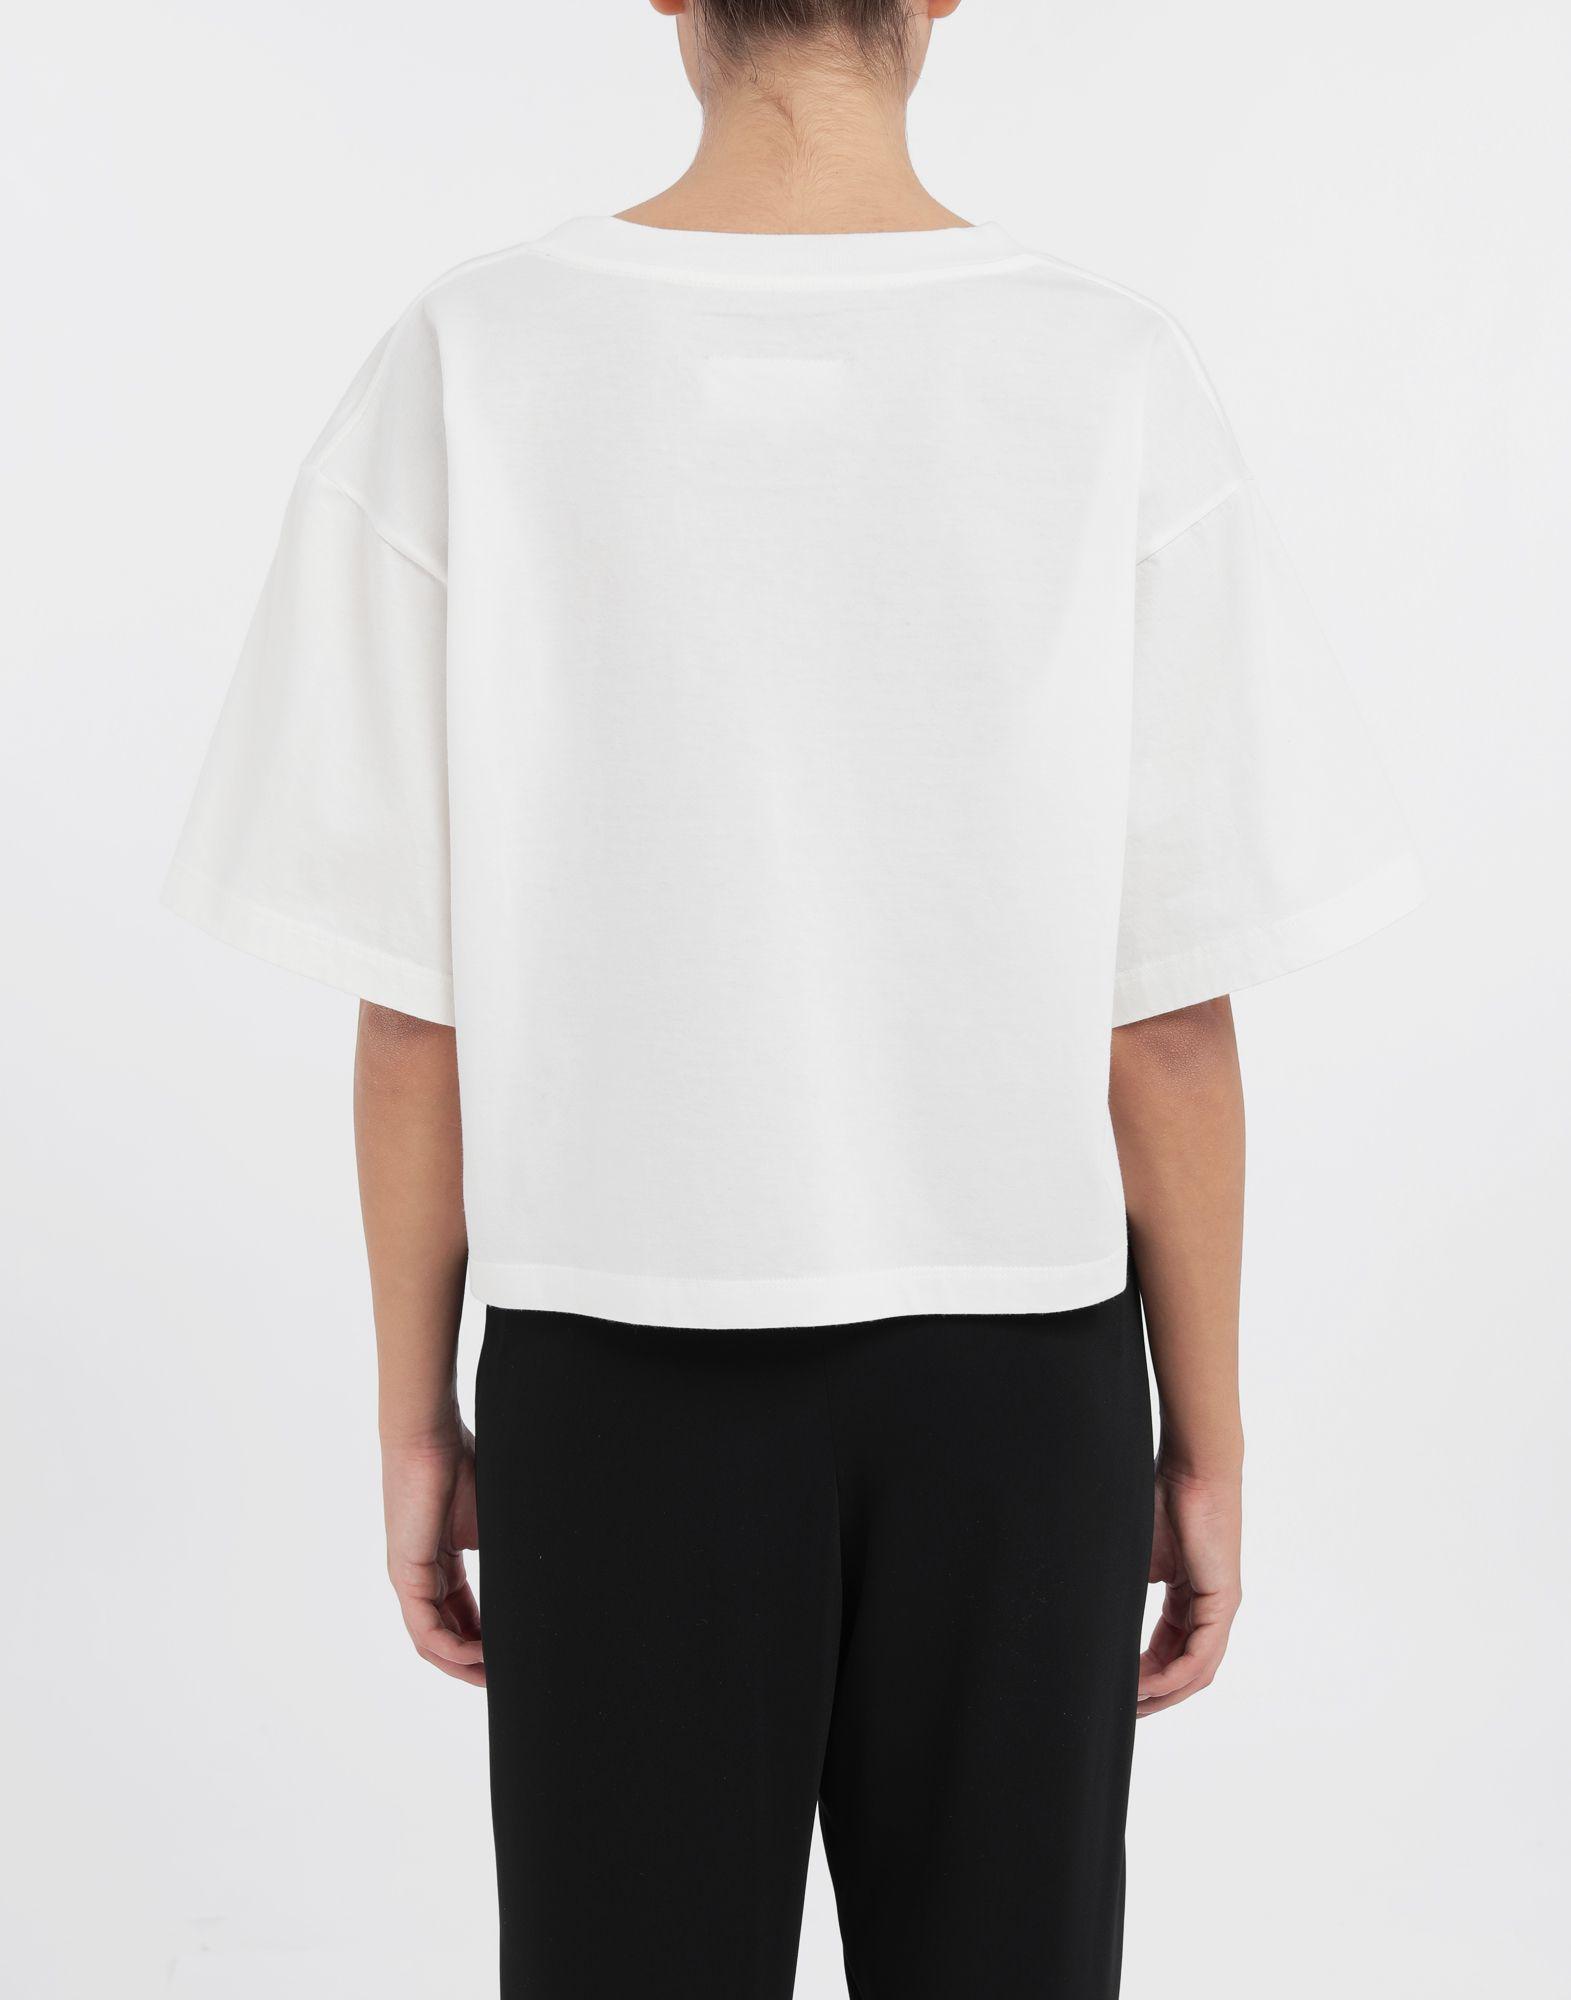 MM6 MAISON MARGIELA Polaroid chair printed T-shirt Short sleeve t-shirt Woman e